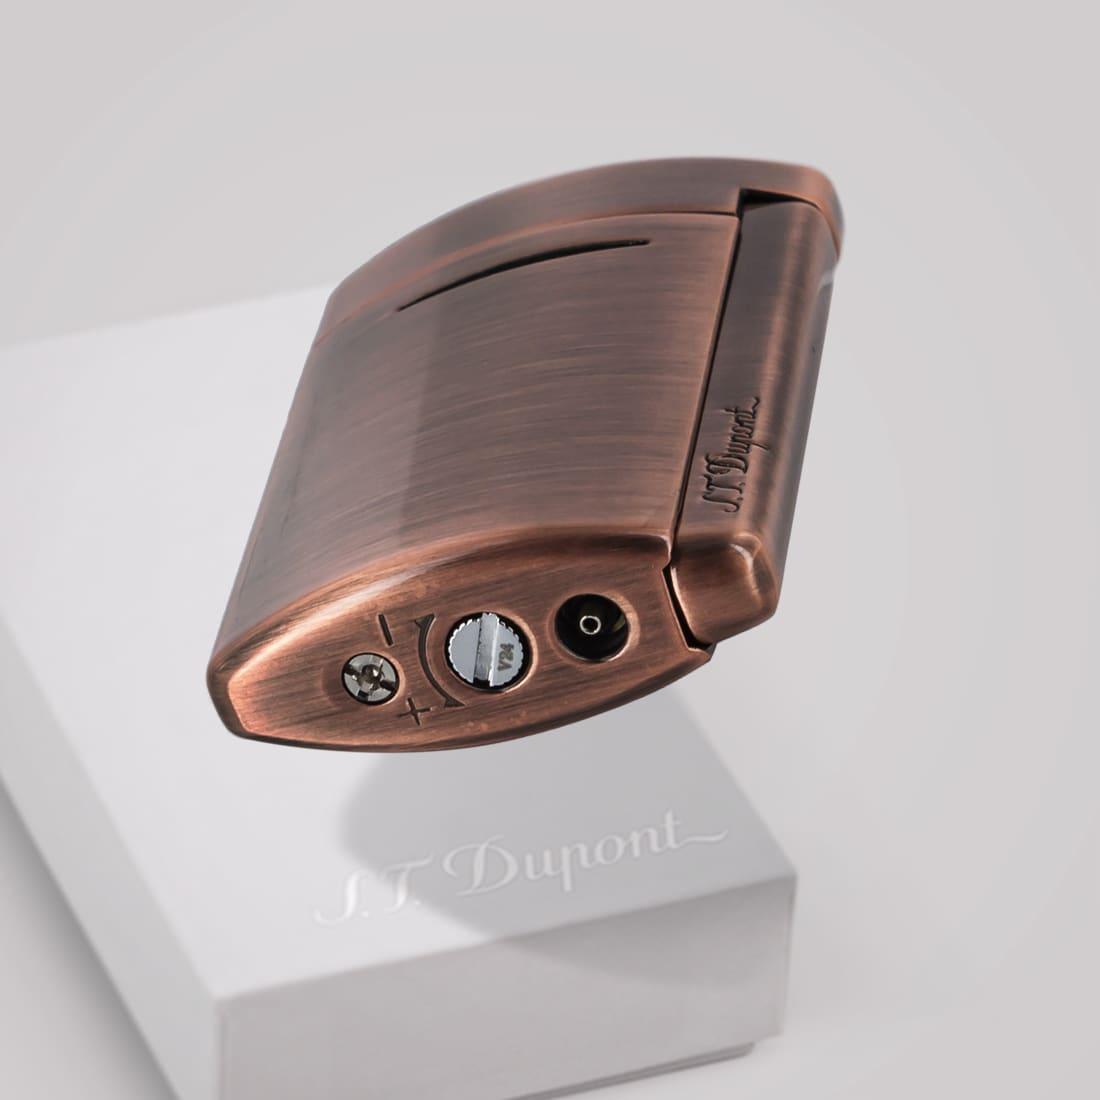 Photo #1 de Briquet S.T. Dupont New miniJet Cuivre Brushed Copper